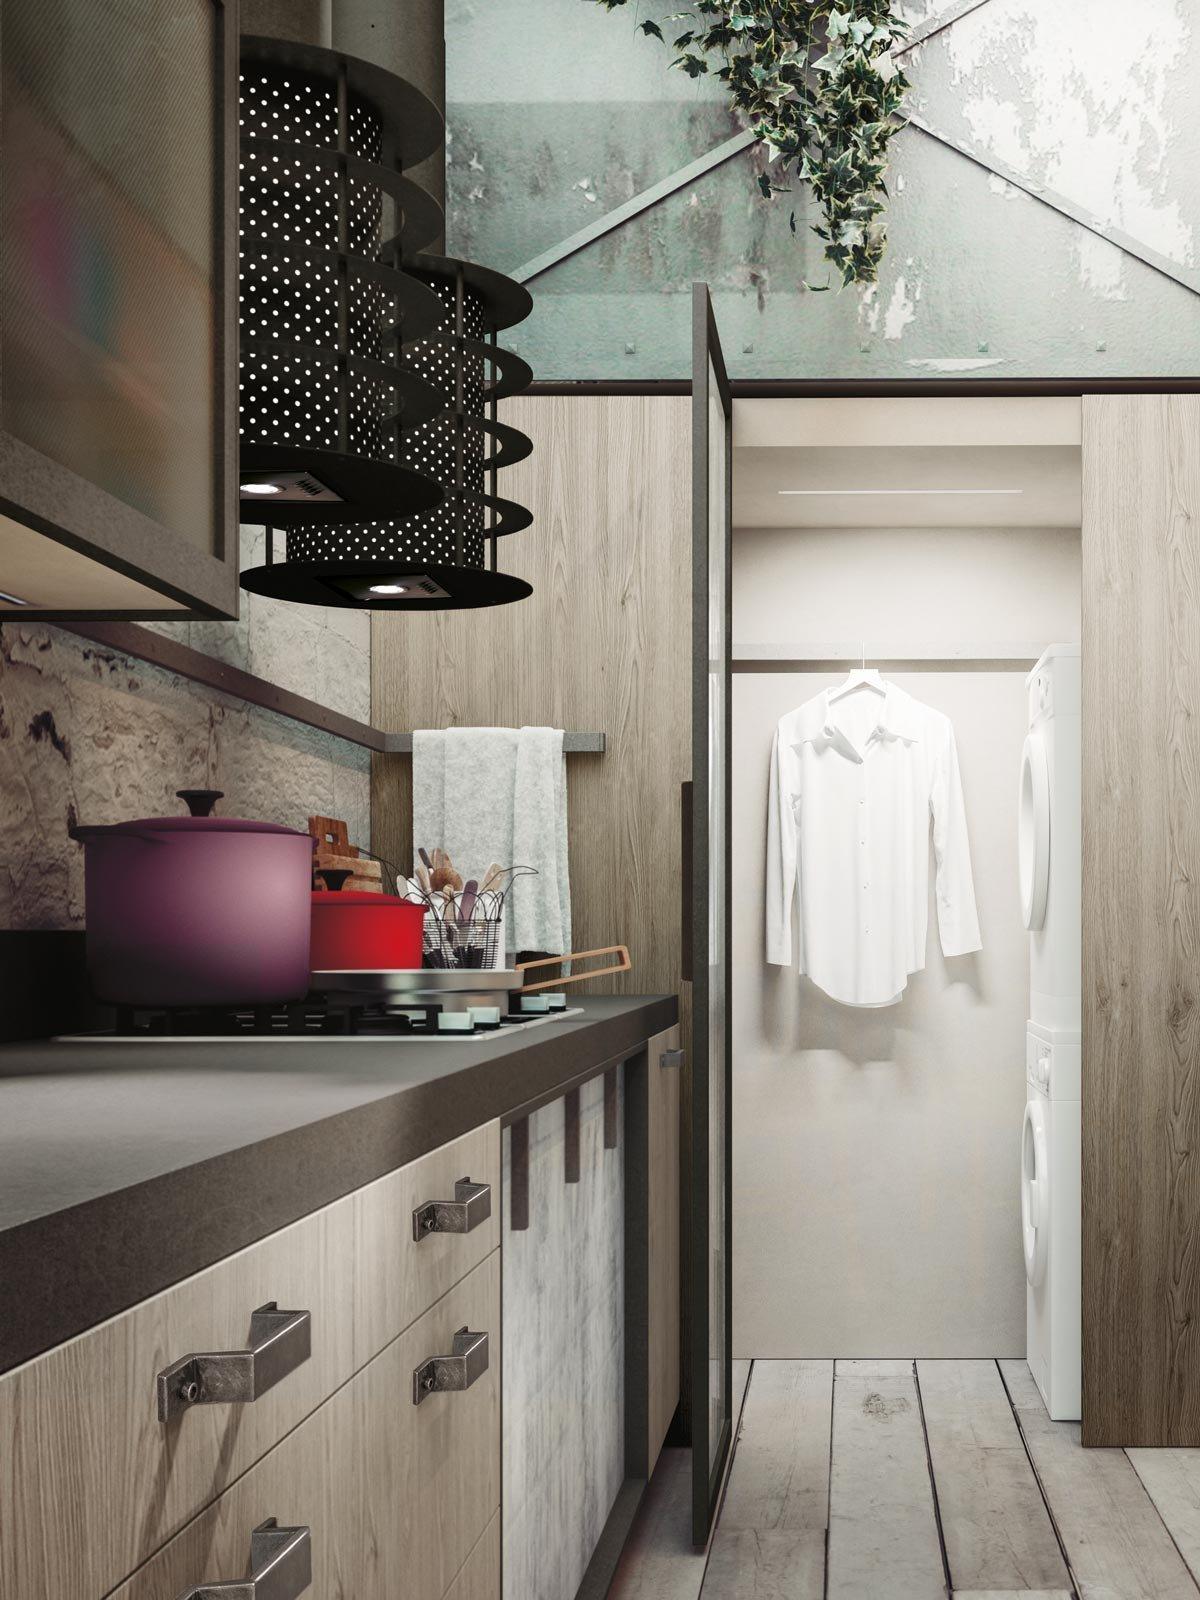 Cucine Industrial Style: Loft Di Snaidero Cose Di Casa #774C5D 1200 1600 Immagini Di Cucine In Muratura Moderne